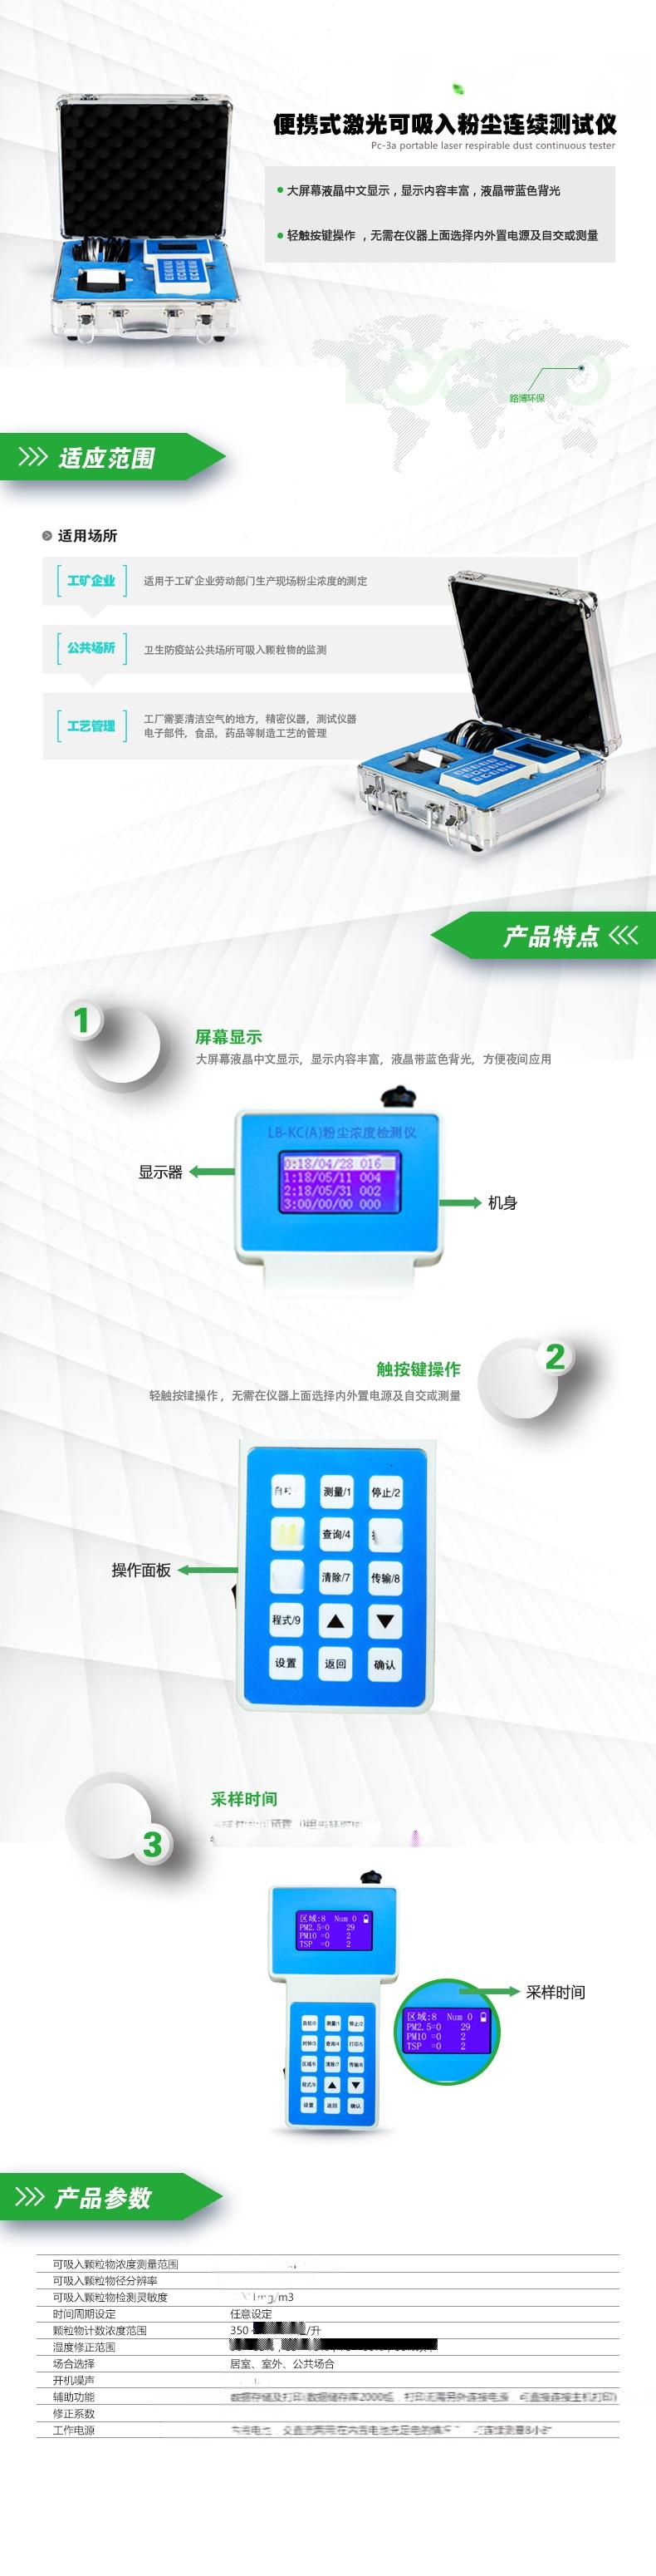 PC-3A激光粉尘仪长图.jpg